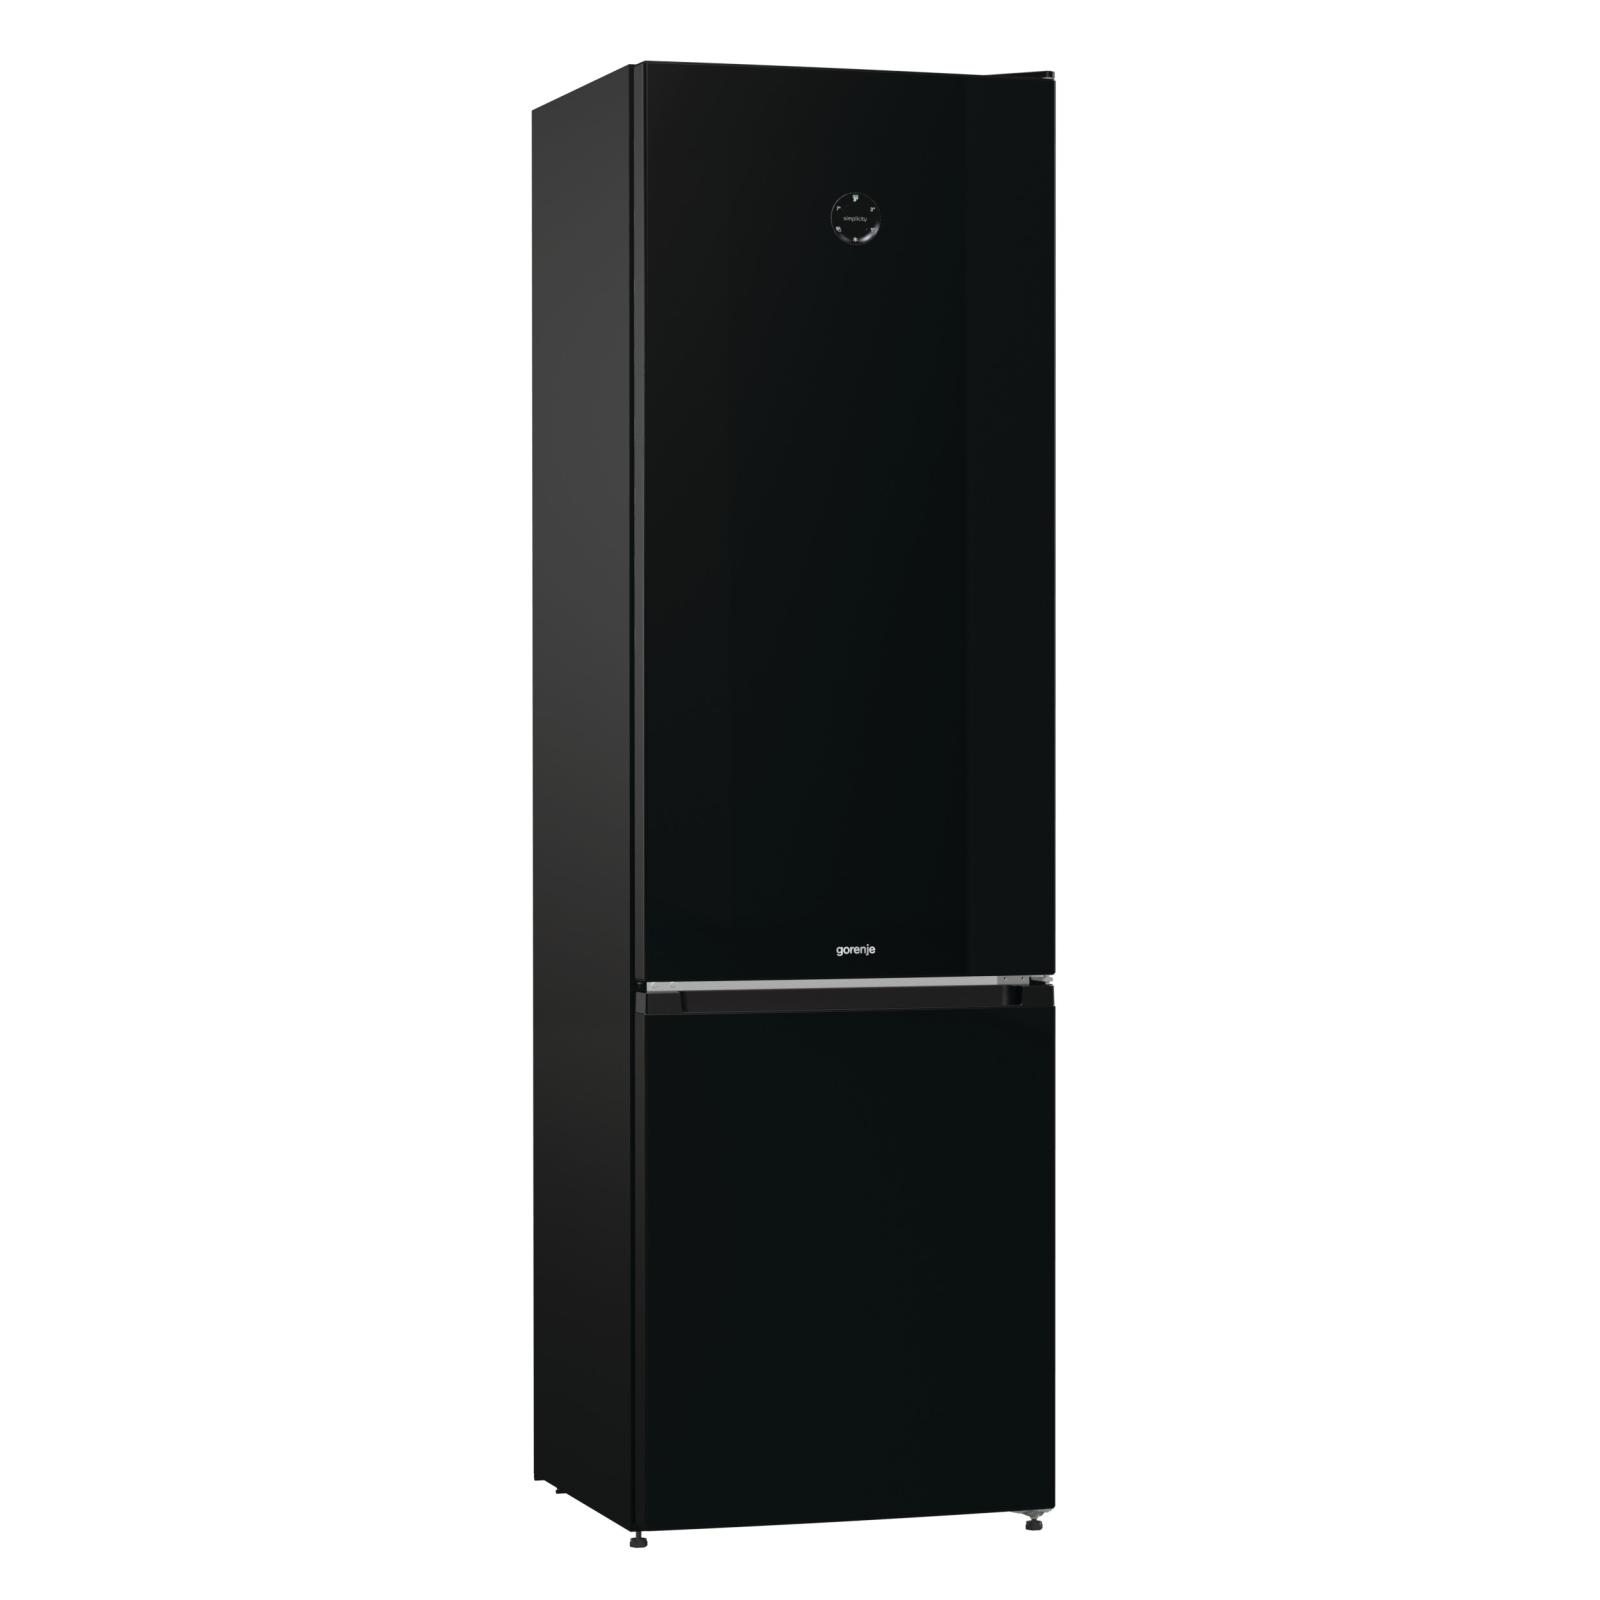 Холодильник Gorenje NRK621SYB4 изображение 2